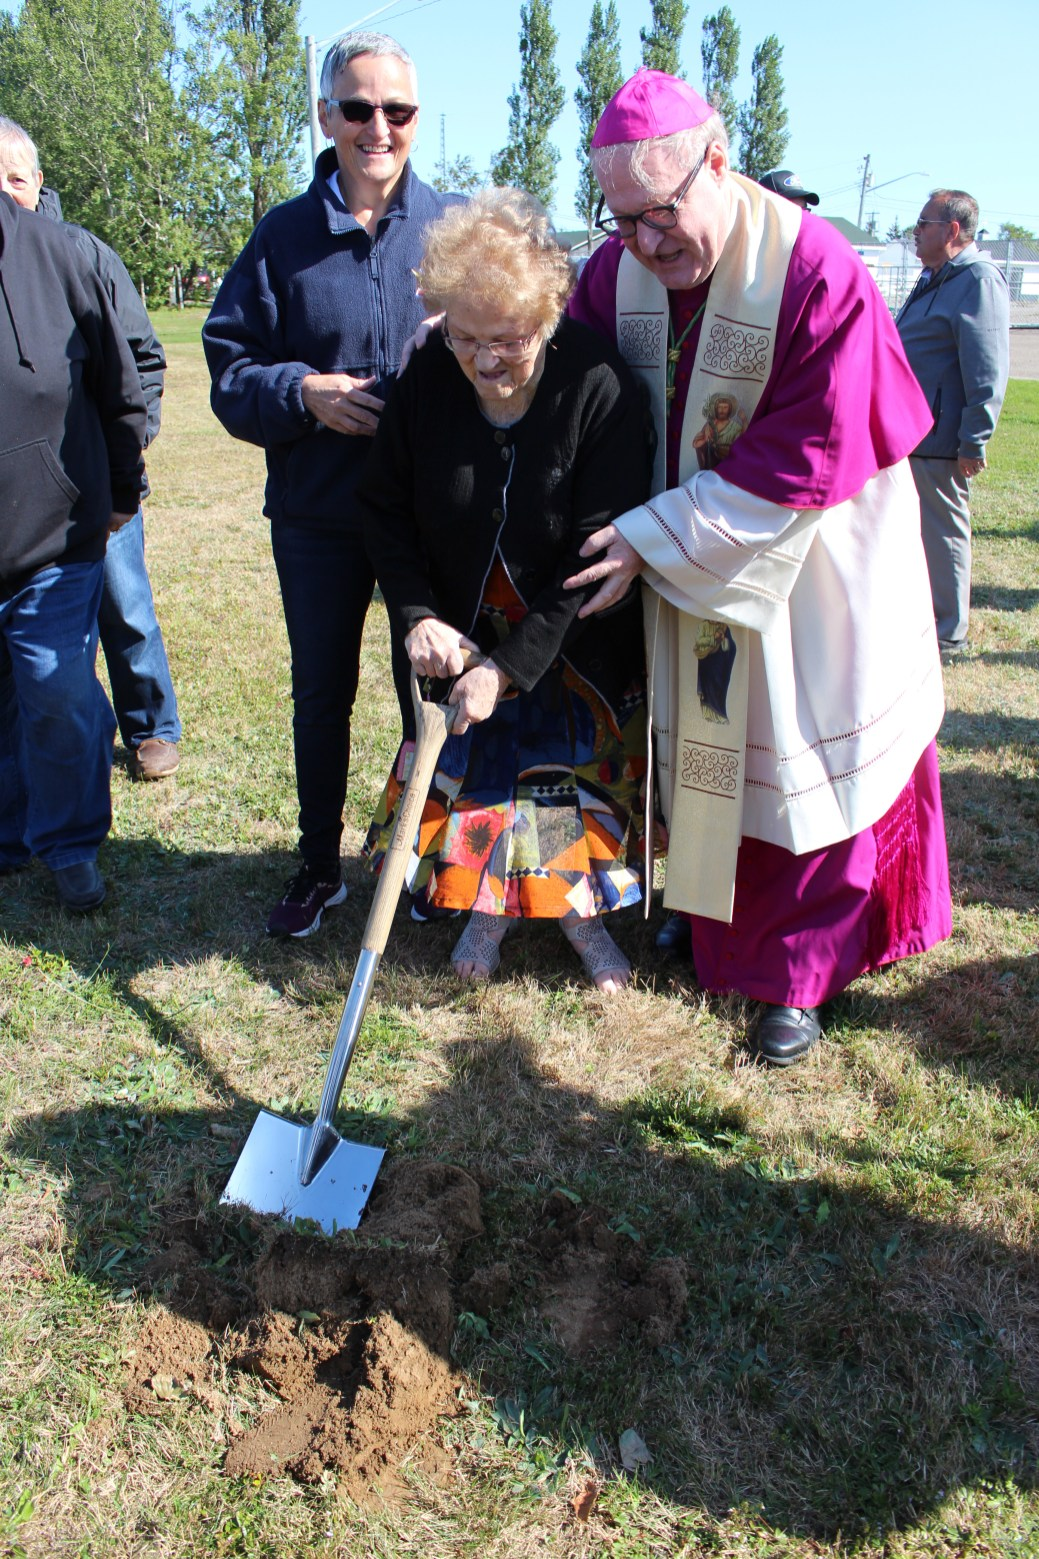 Béatrice Doiron, âgée de 92 ans, a voulu procéder à sa propre pelletée de terre là où sera construite la nouvelle église de Bas-Caraquet. Monseigneur Daniel Jodoin lui a donné un petit coup de main. - Acadie Nouvelle: Réal Fradette